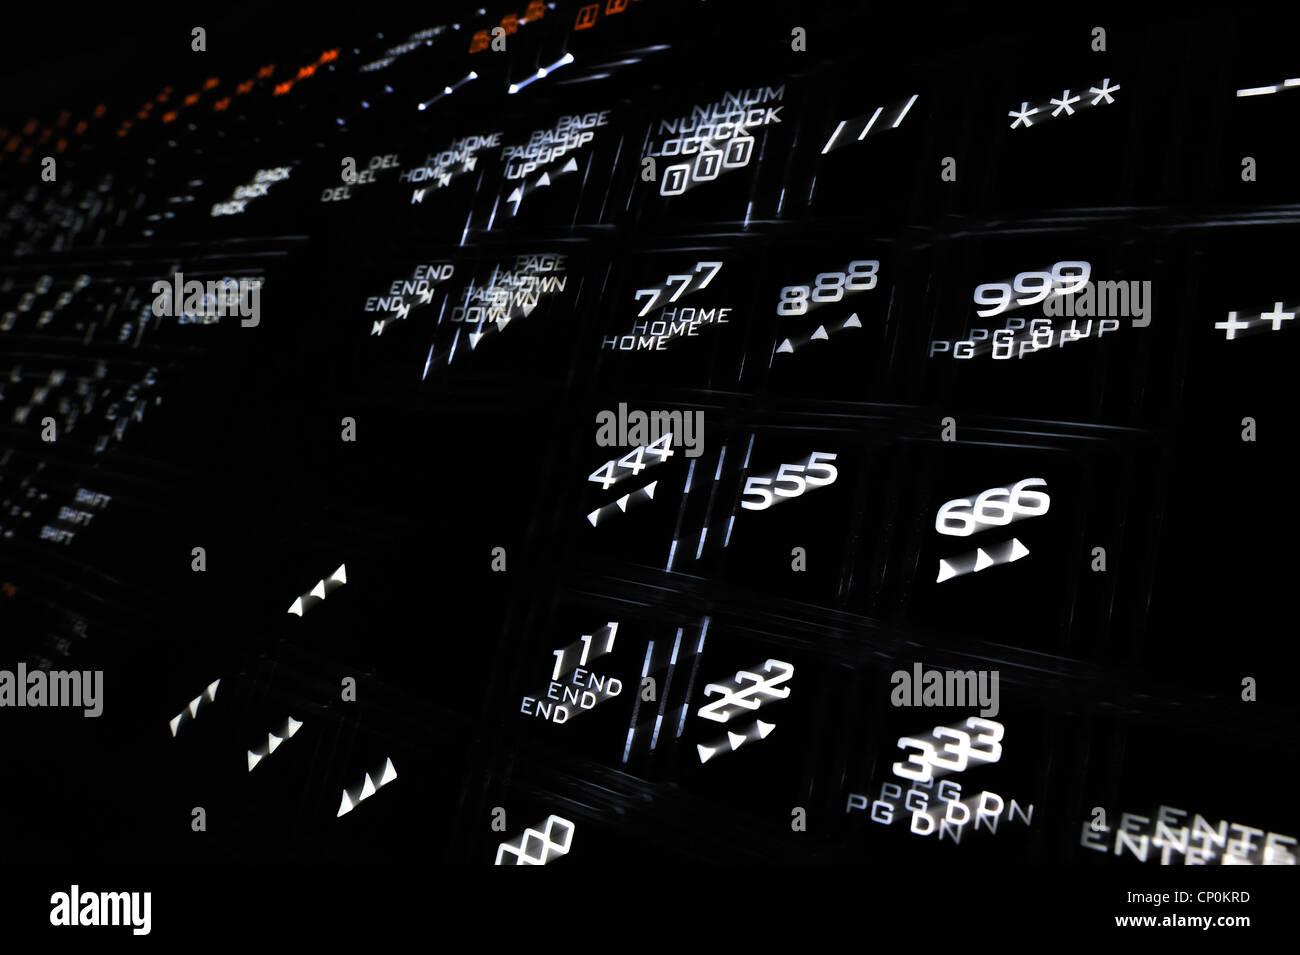 Schwarze Tastatur mit verschwommenen beleuchtet beleuchtete weiße Zahlen auf Tasten Stockbild